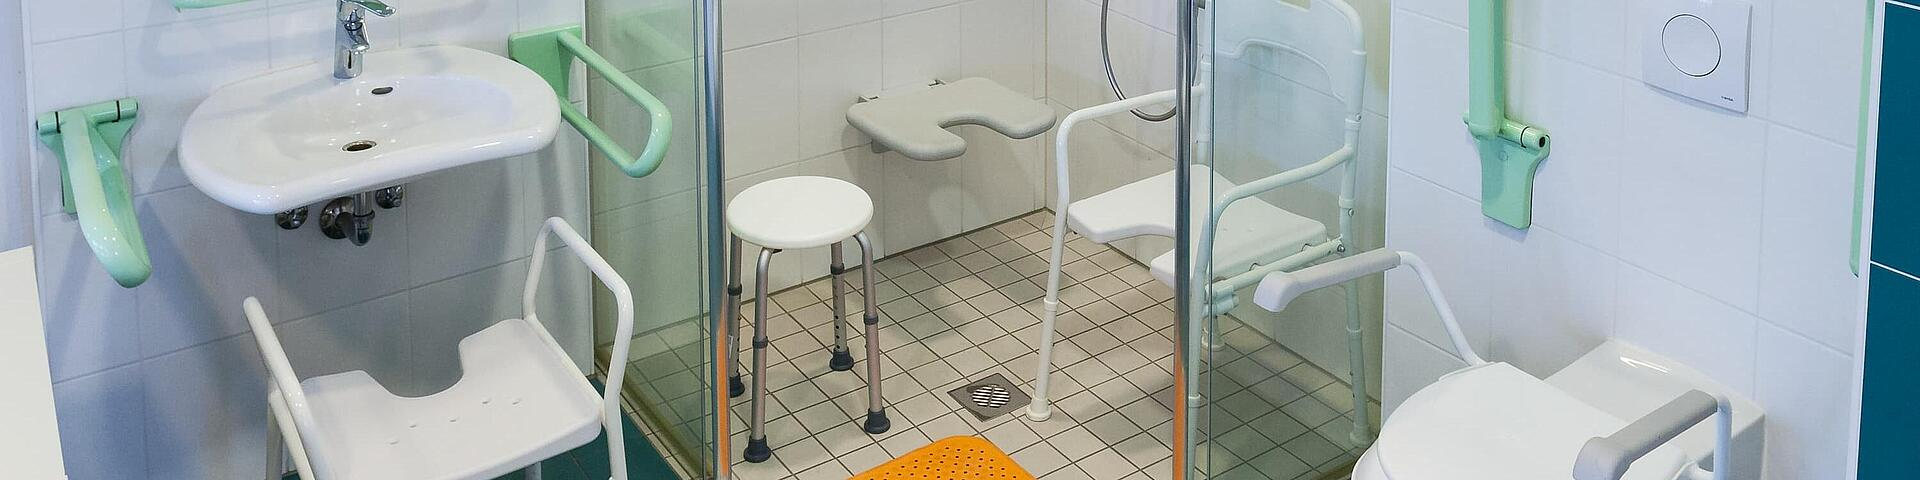 Hilfsmittel für Bad und WC   ORD